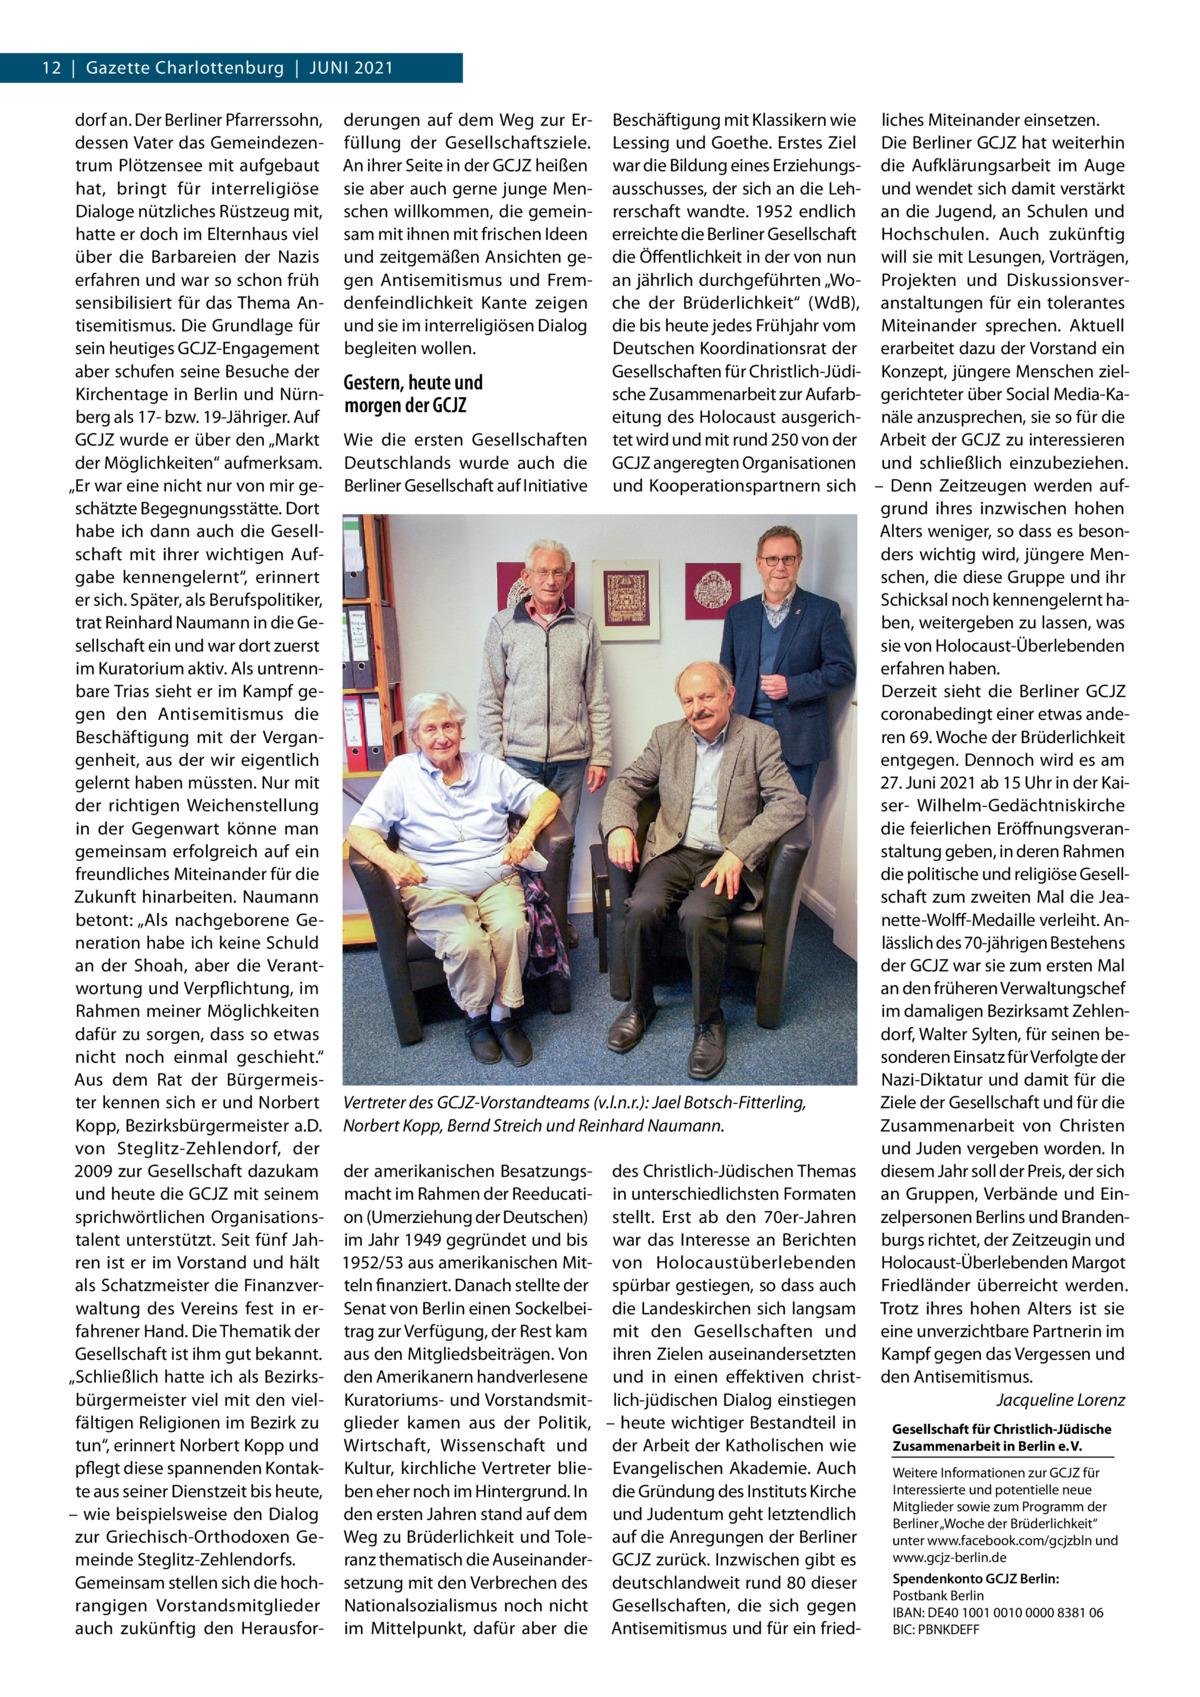 """12 Gazette Charlottenburg Juni 2021 dorf an. Der Berliner Pfarrerssohn, derungen auf dem Weg zur Er- Beschäftigung mit Klassikern wie liches Miteinander einsetzen. dessen Vater das Gemeindezen- füllung der Gesellschaftsziele. Lessing und Goethe. Erstes Ziel Die Berliner GCJZ hat weiterhin trum Plötzensee mit aufgebaut An ihrer Seite in der GCJZ heißen war die Bildung eines Erziehungs- die Aufklärungsarbeit im Auge hat, bringt für interreligiöse sie aber auch gerne junge Men- ausschusses, der sich an die Leh- und wendet sich damit verstärkt Dialoge nützliches Rüstzeug mit, schen willkommen, die gemein- rerschaft wandte. 1952 endlich an die Jugend, an Schulen und hatte er doch im Elternhaus viel sam mit ihnen mit frischen Ideen erreichte die Berliner Gesellschaft Hochschulen. Auch zukünftig über die Barbareien der Nazis und zeitgemäßen Ansichten ge- die Öffentlichkeit in der von nun will sie mit Lesungen, Vorträgen, erfahren und war so schon früh gen Antisemitismus und Frem- an jährlich durchgeführten """"Wo- Projekten und Diskussionsversensibilisiert für das Thema An- denfeindlichkeit Kante zeigen che der Brüderlichkeit"""" (WdB), anstaltungen für ein tolerantes tisemitismus. Die Grundlage für und sie im interreligiösen Dialog die bis heute jedes Frühjahr vom Miteinander sprechen. Aktuell sein heutiges GCJZ-Engagement begleiten wollen. Deutschen Koordinationsrat der erarbeitet dazu der Vorstand ein aber schufen seine Besuche der Gesellschaften für Christlich-Jüdi- Konzept, jüngere Menschen zielGestern, heute und Kirchentage in Berlin und Nürnsche Zusammenarbeit zur Aufarb- gerichteter über Social Media-Kamorgen der GCJZ berg als 17- bzw. 19-Jähriger. Auf eitung des Holocaust ausgerich- näle anzusprechen, sie so für die GCJZ wurde er über den """"Markt Wie die ersten Gesellschaften tet wird und mit rund 250 von der Arbeit der GCJZ zu interessieren der Möglichkeiten"""" aufmerksam. Deutschlands wurde auch die GCJZ angeregten Organisationen und schließlich einzubeziehen. """"Er war ei"""